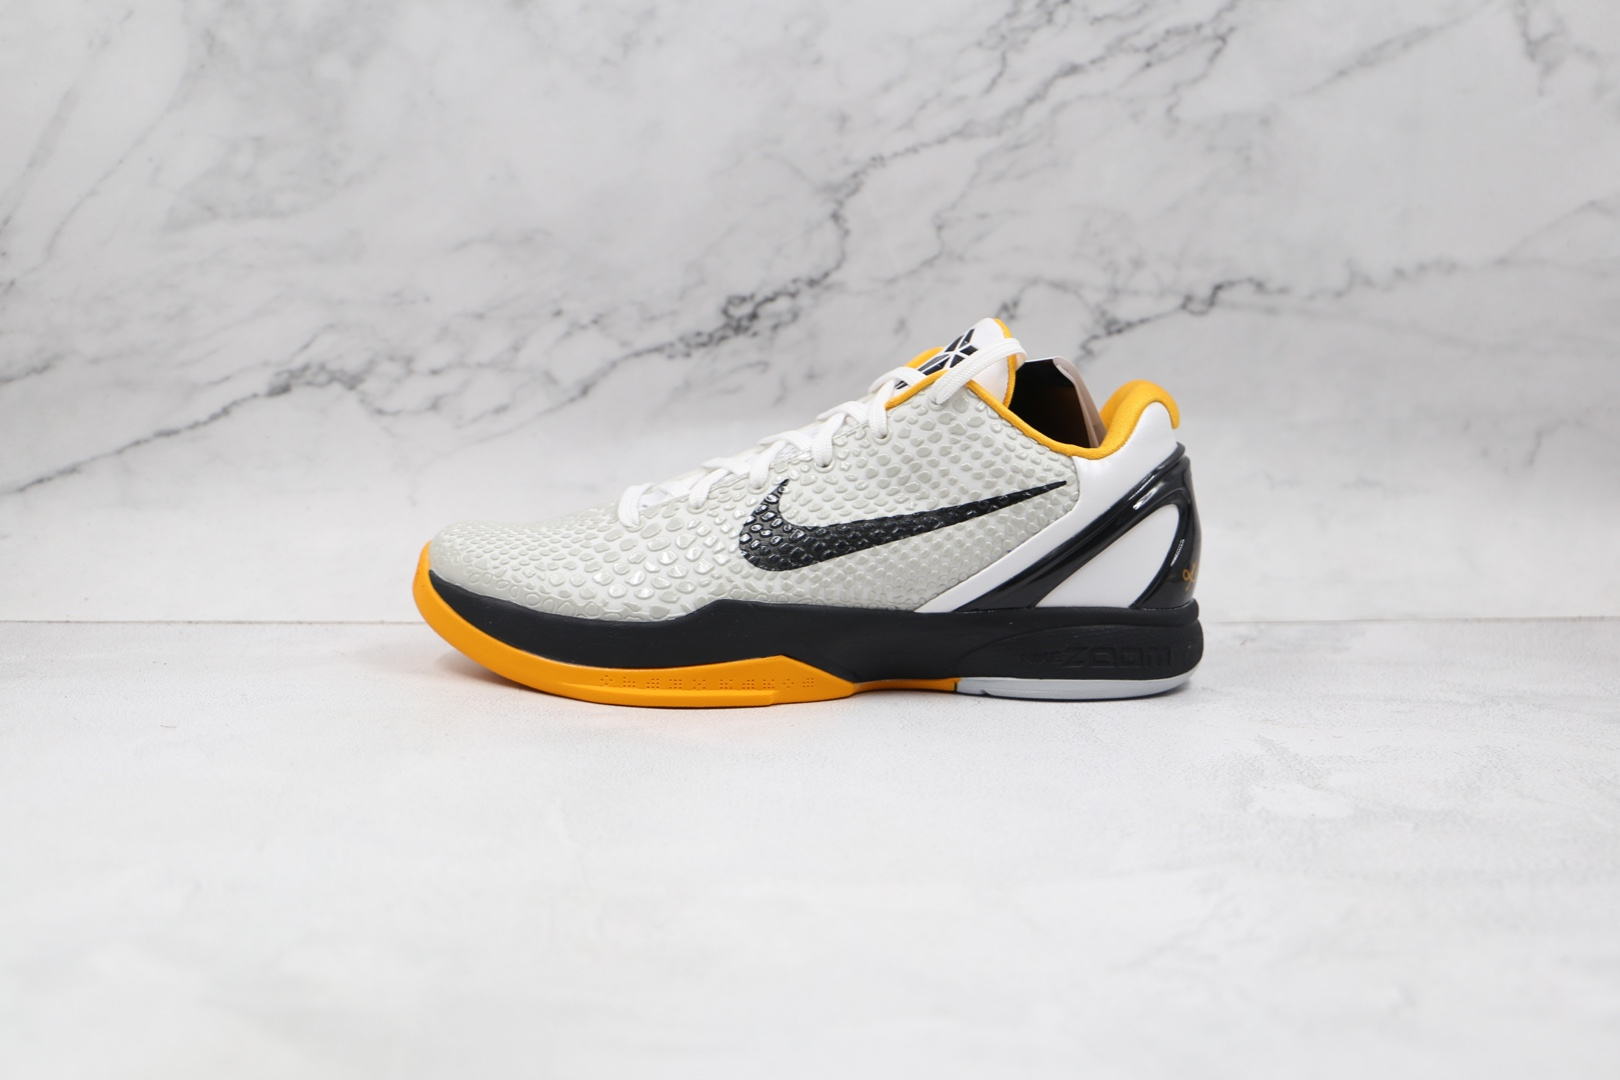 耐克Nike Kobe 6 Protro Del Sol纯原版本科比6代白黑黄色篮球鞋内置碳板气垫支持实战 货号:CW2190-100